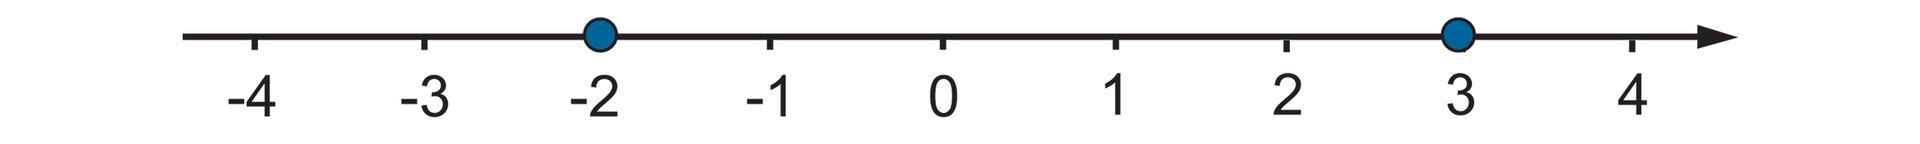 Rysunek osi liczbowej zzaznaczonymi punktami od -4 do 4. Wyróżnione liczby -2 i3.